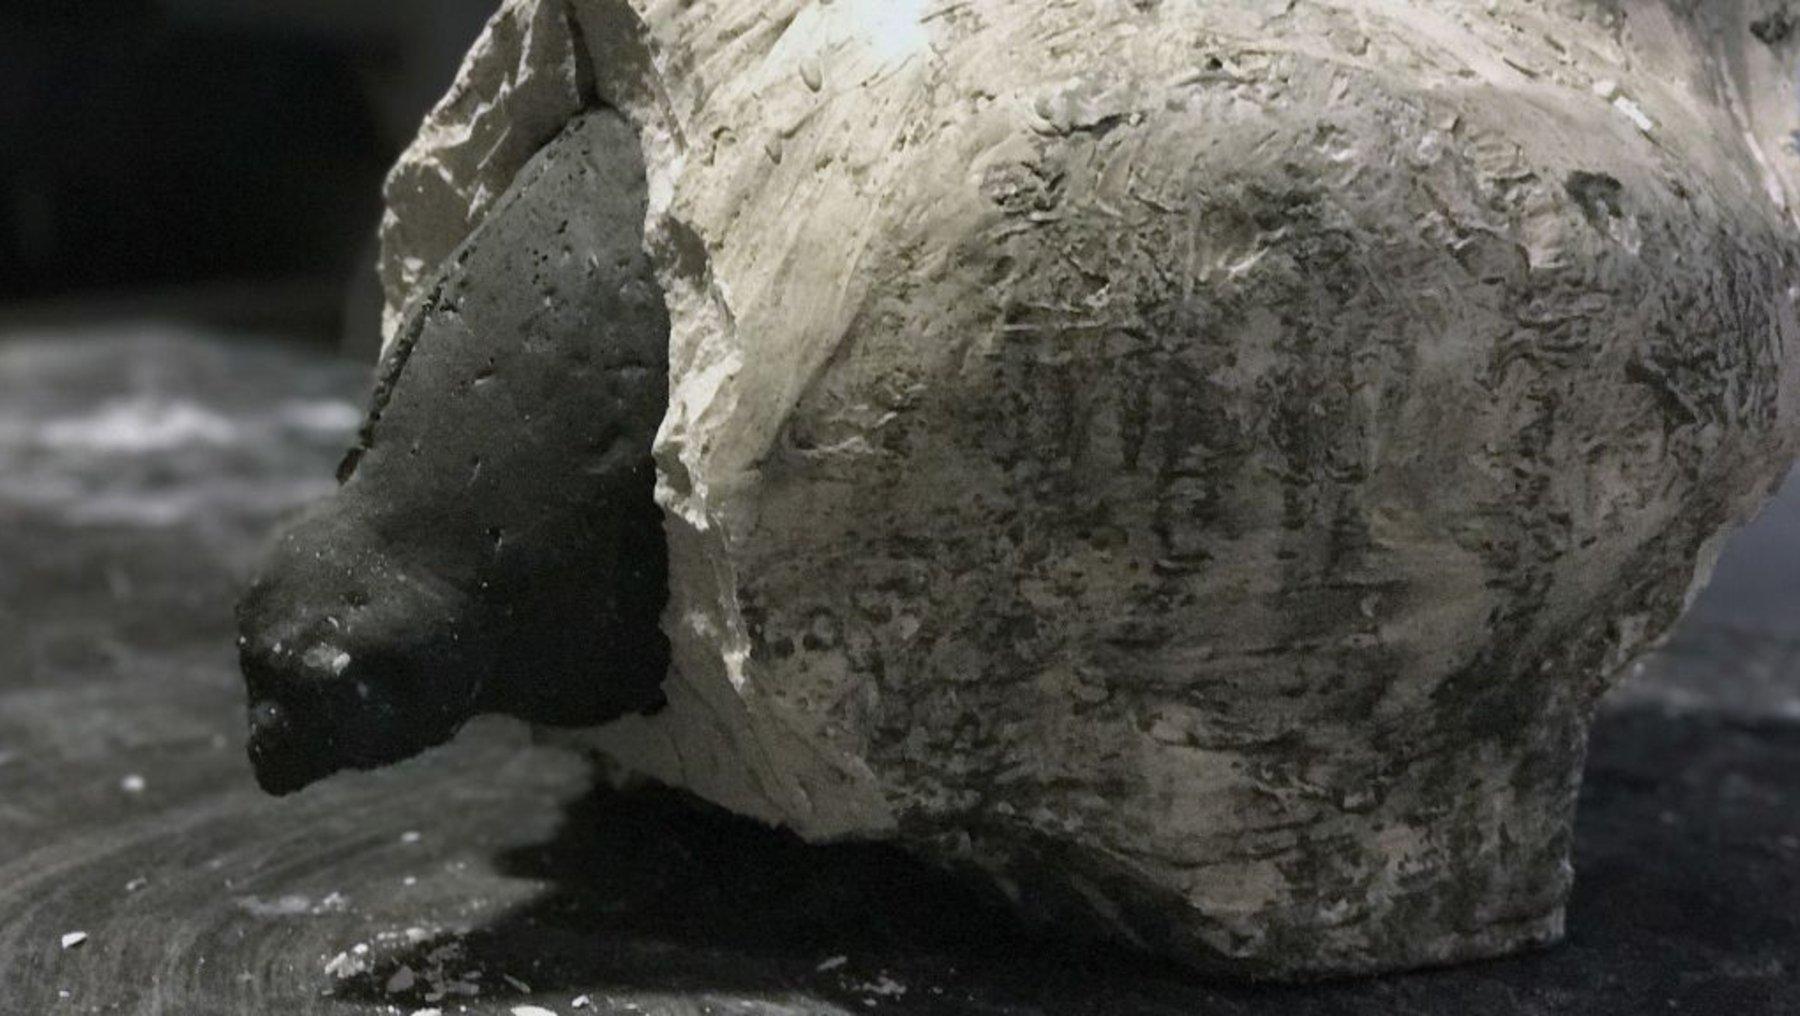 Ausschalung der Betonplastik